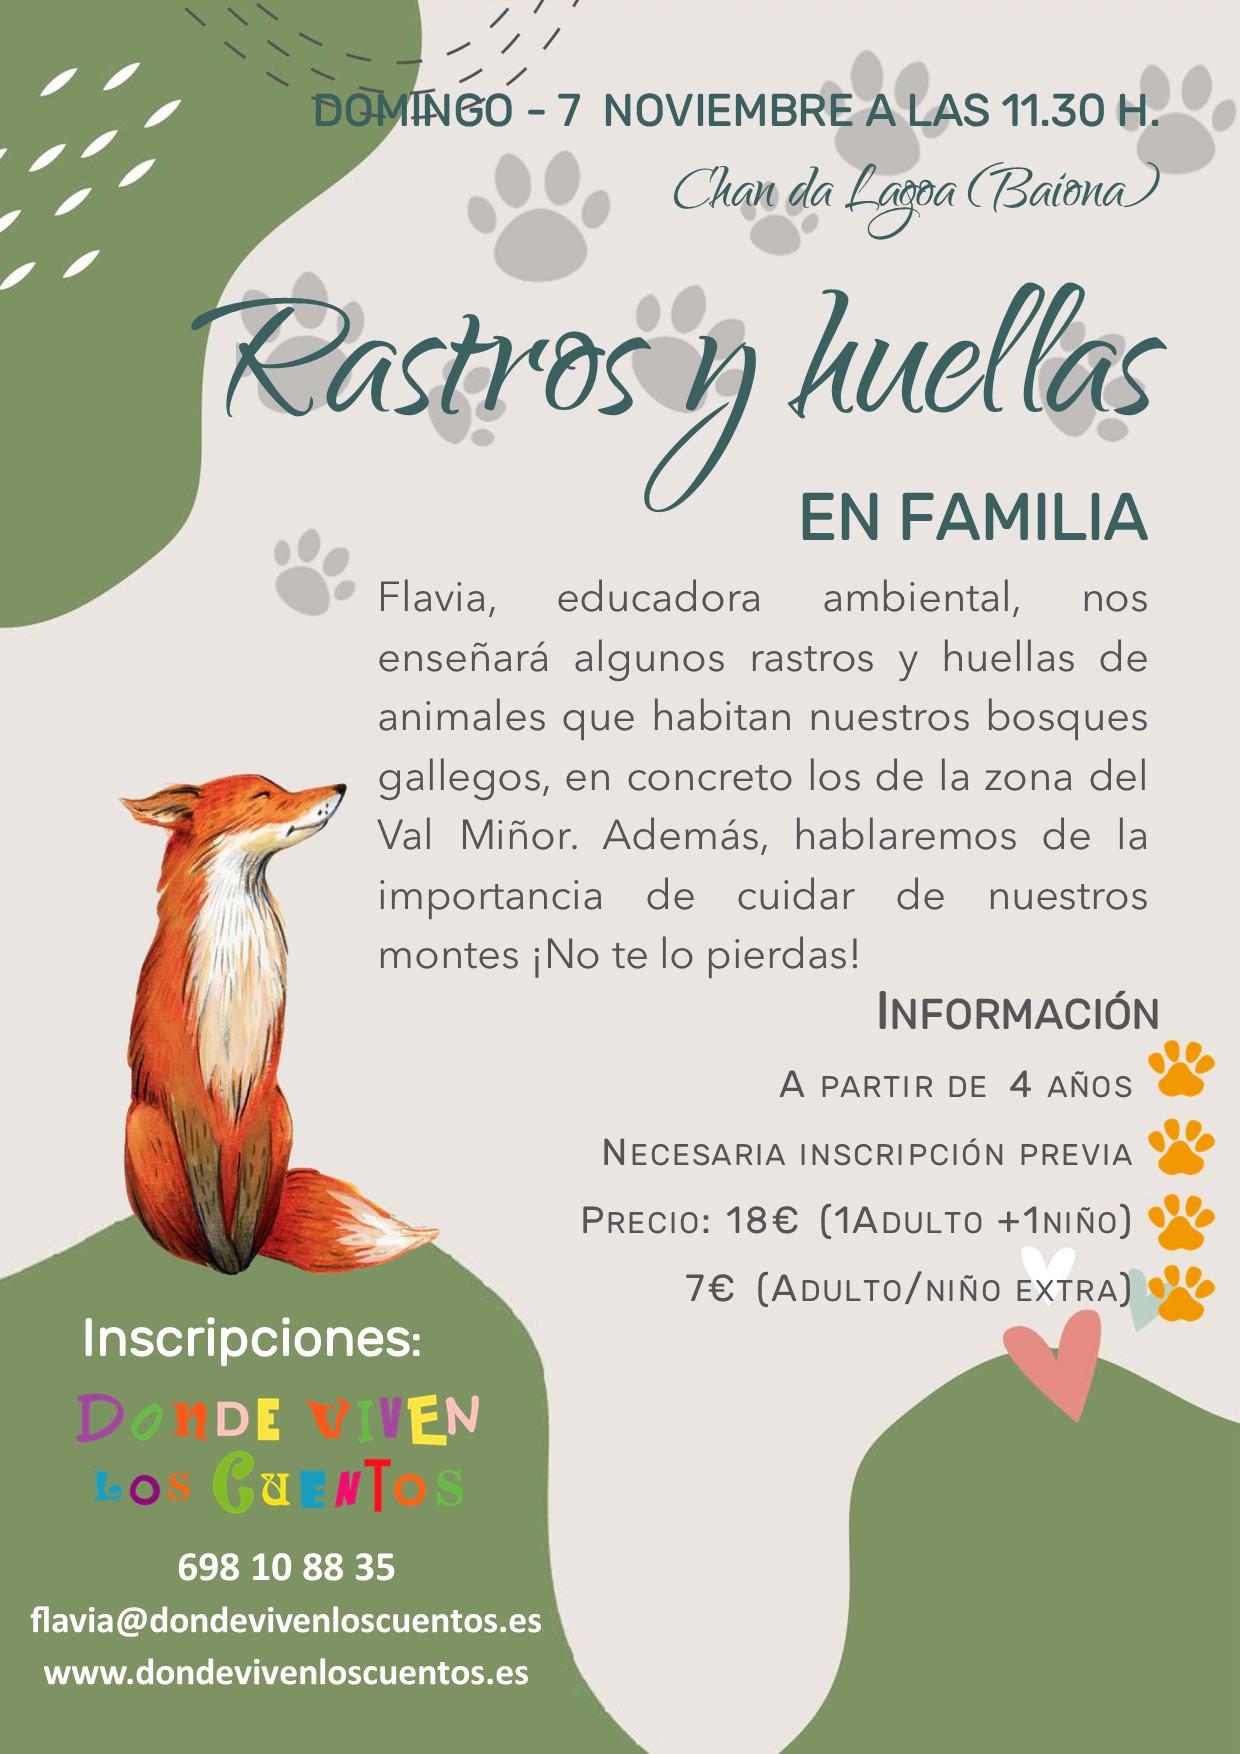 ruta senderismo nigran familias rastroy huellas